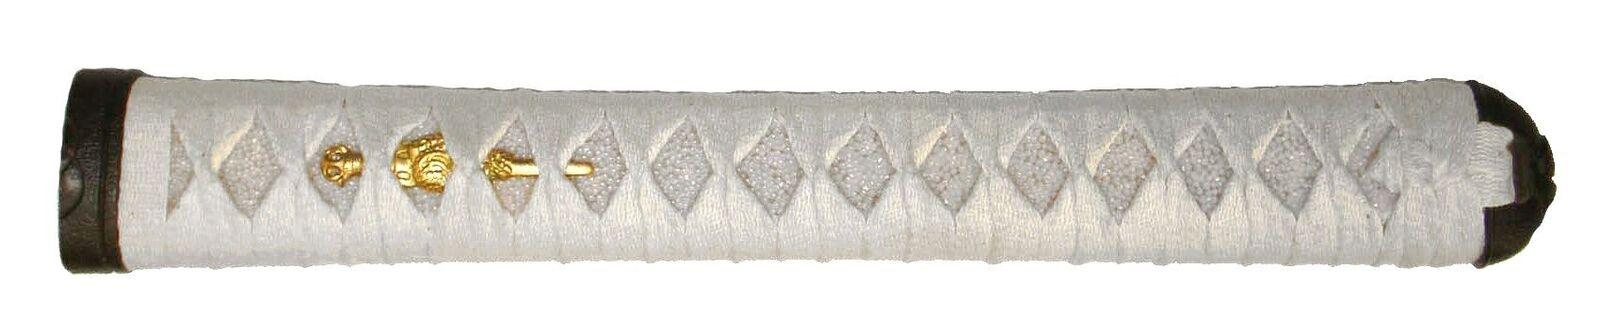 White Ito Wrap